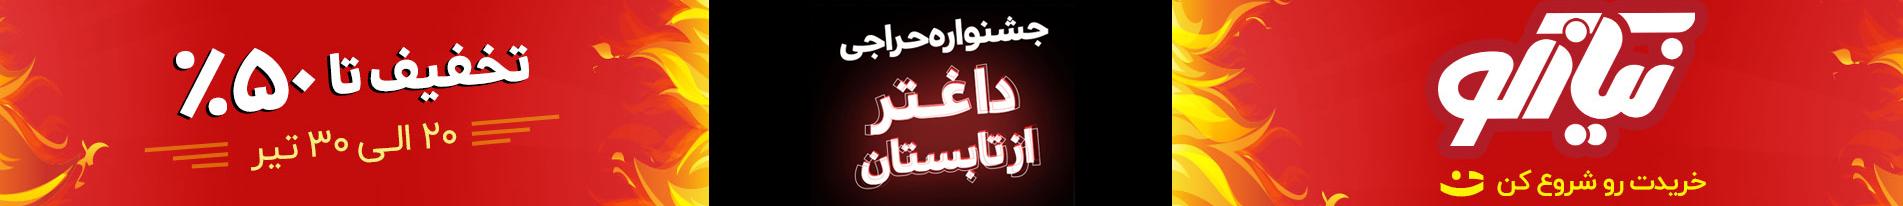 نیازکو نماد اصیل کفش چرم تبریز | فروشگاه تخصصی کفش و کیف